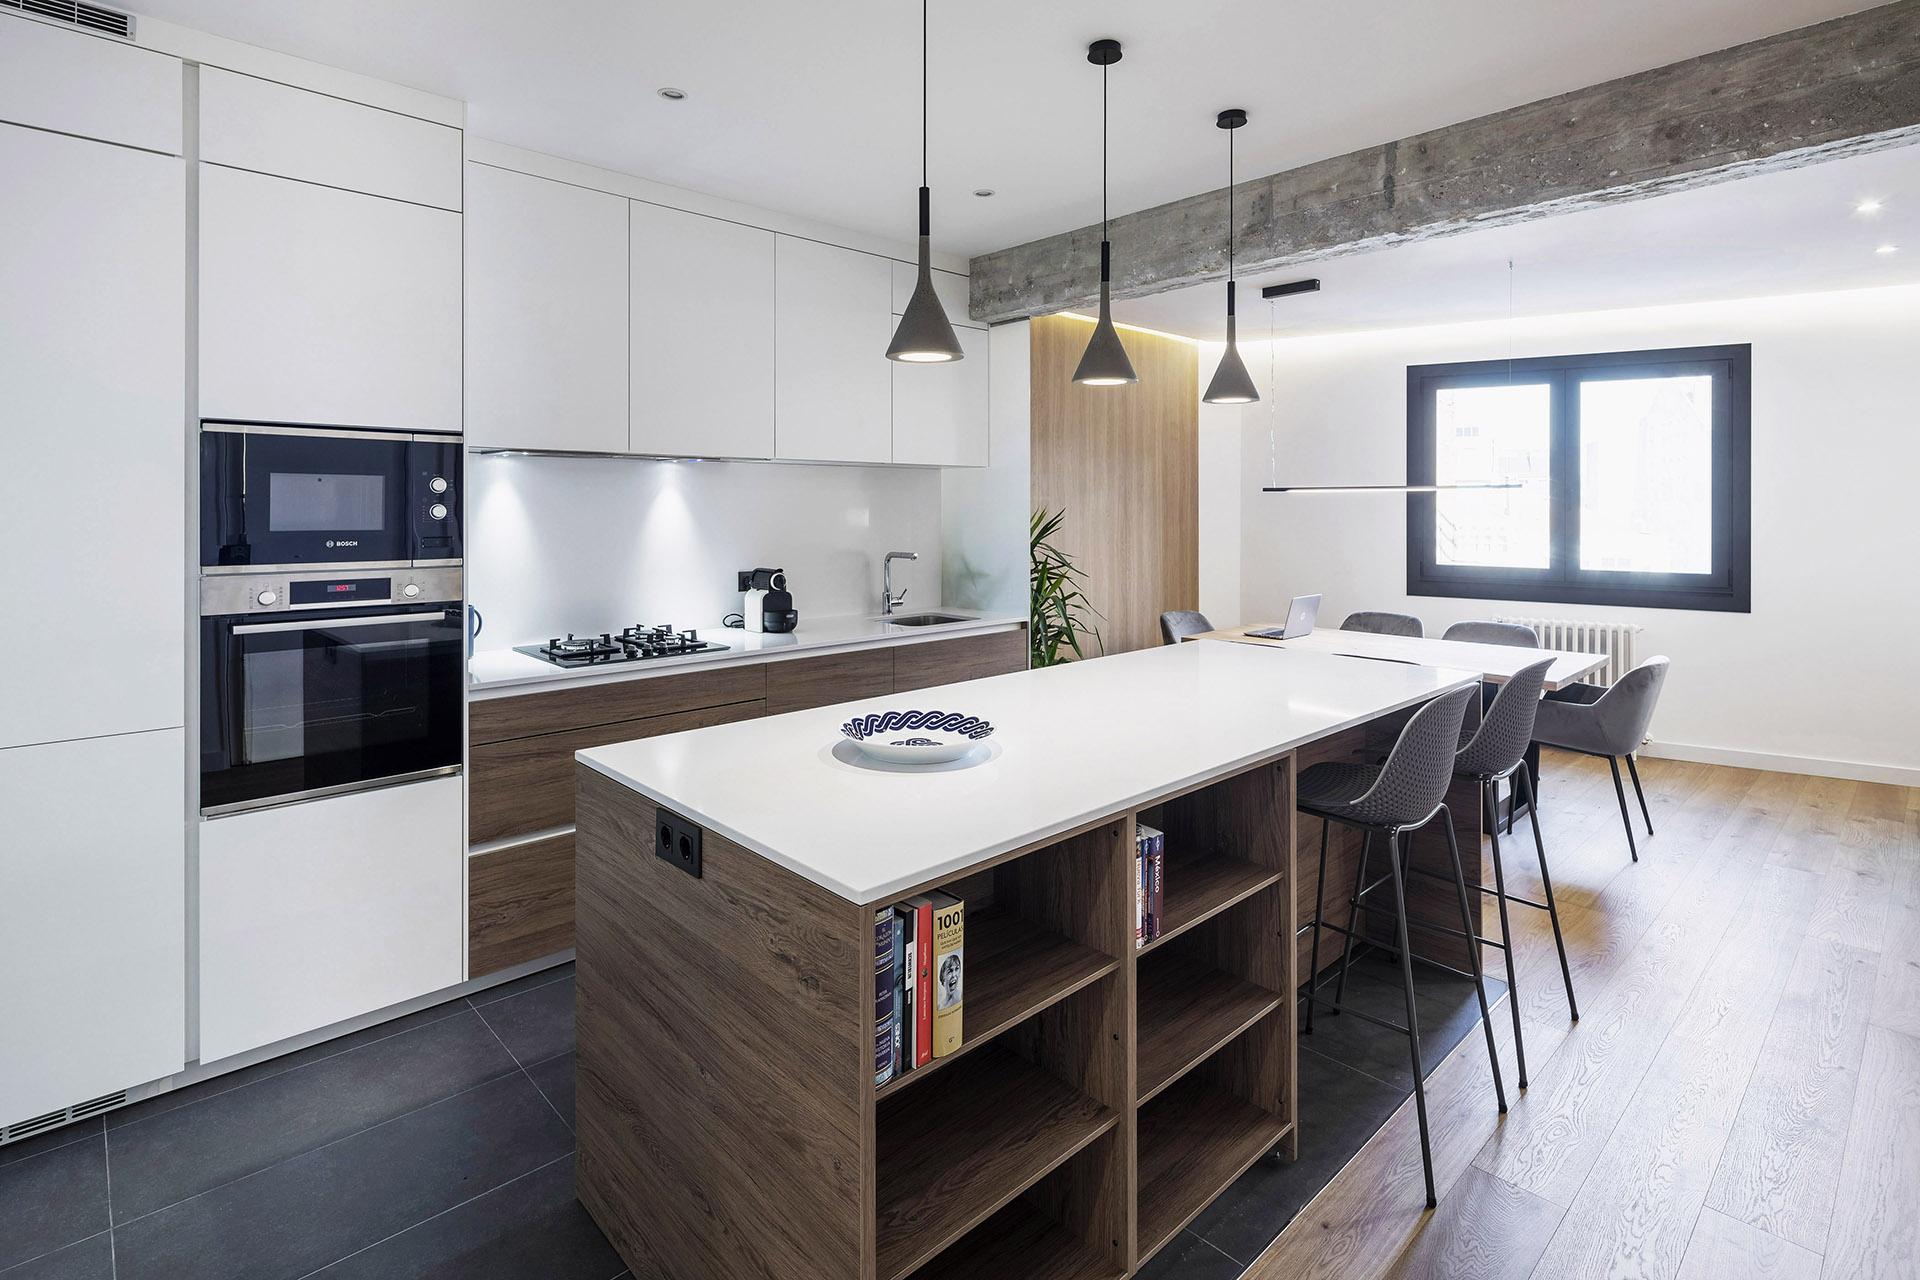 Cocinas modernas con encanto, abiertas y con madera Santos